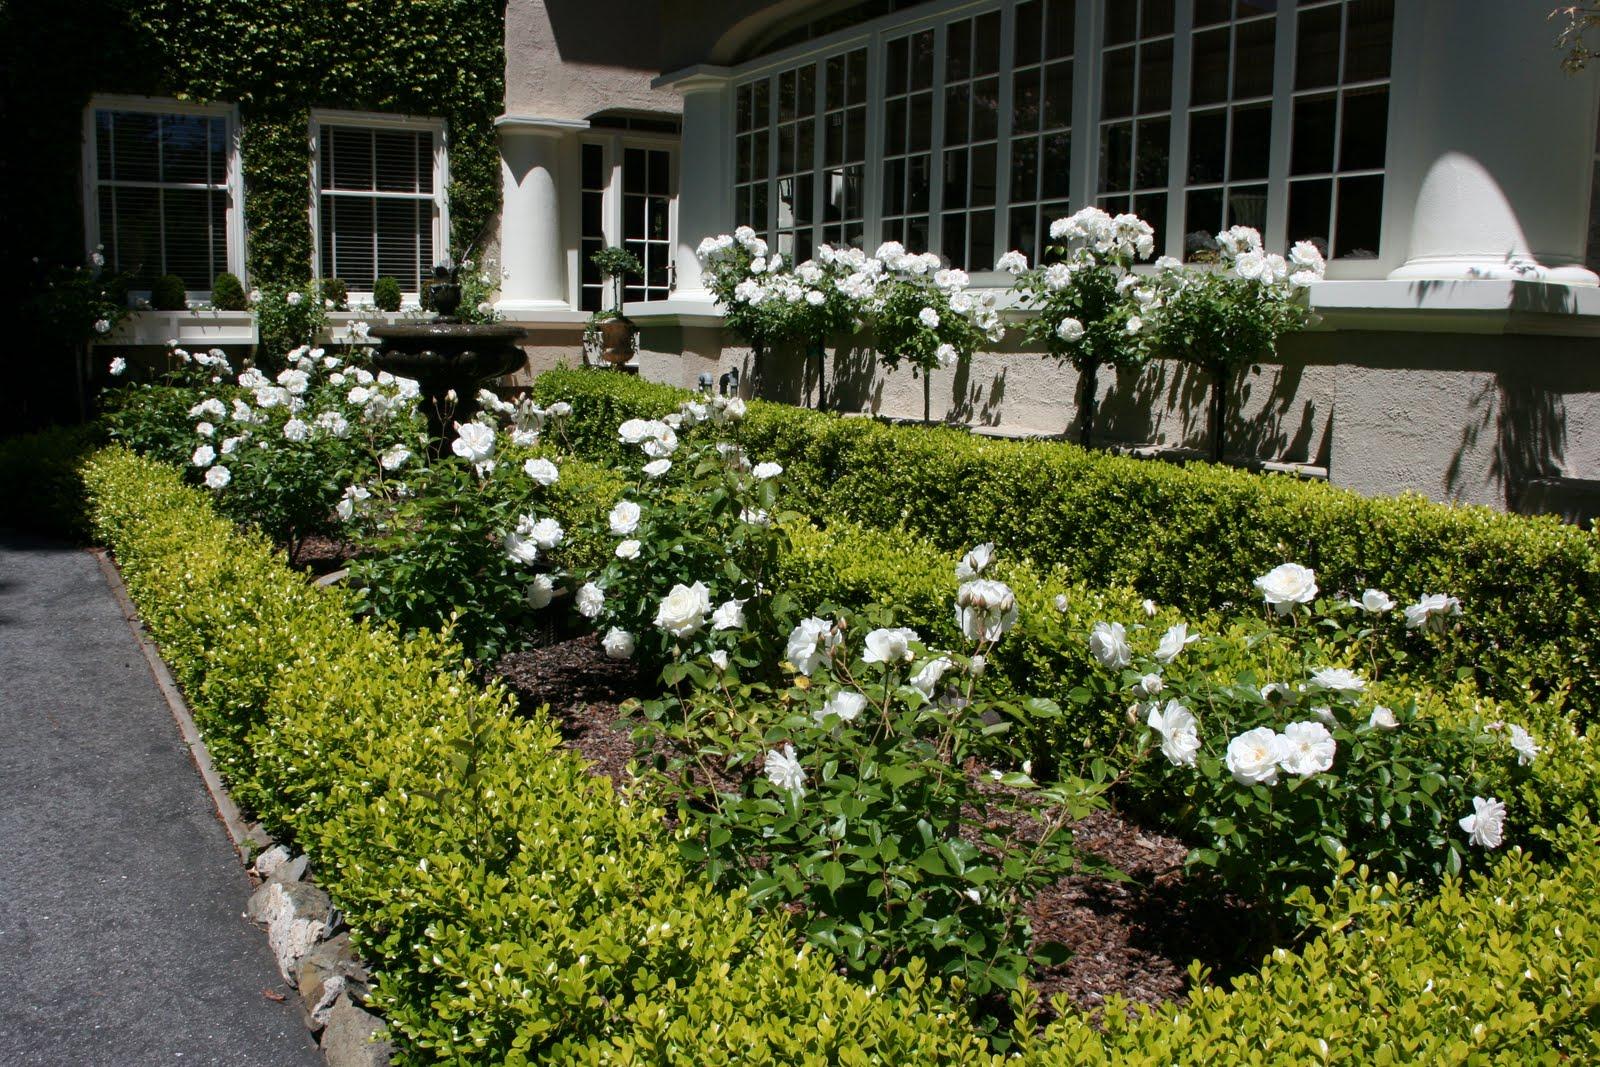 Vignette design iceberg roses galore for White garden design